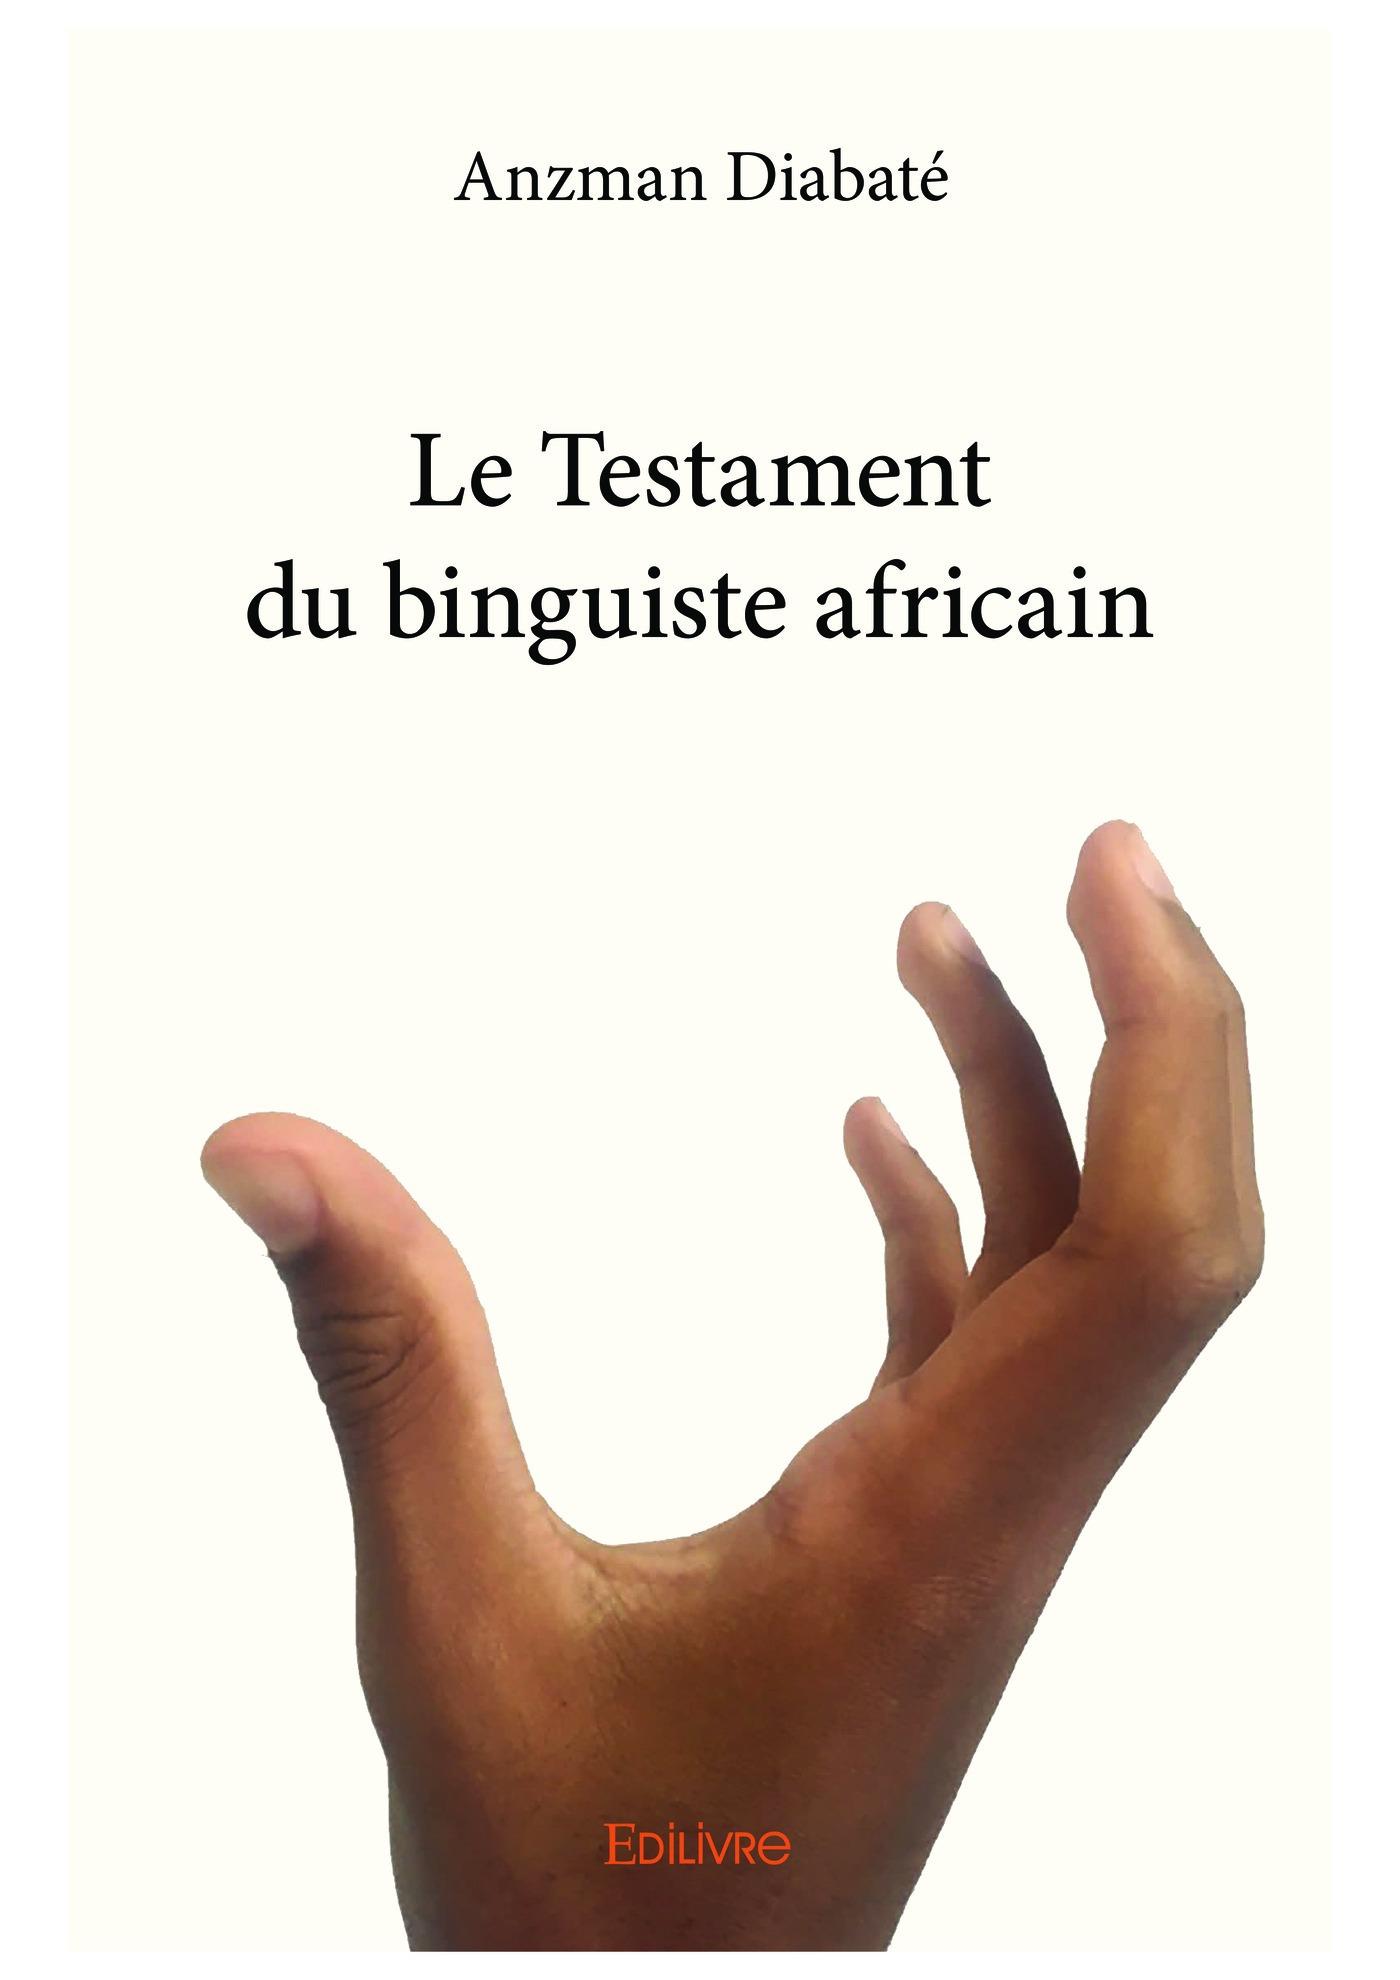 Le Testament du binguiste africain  - Anzman Diabaté